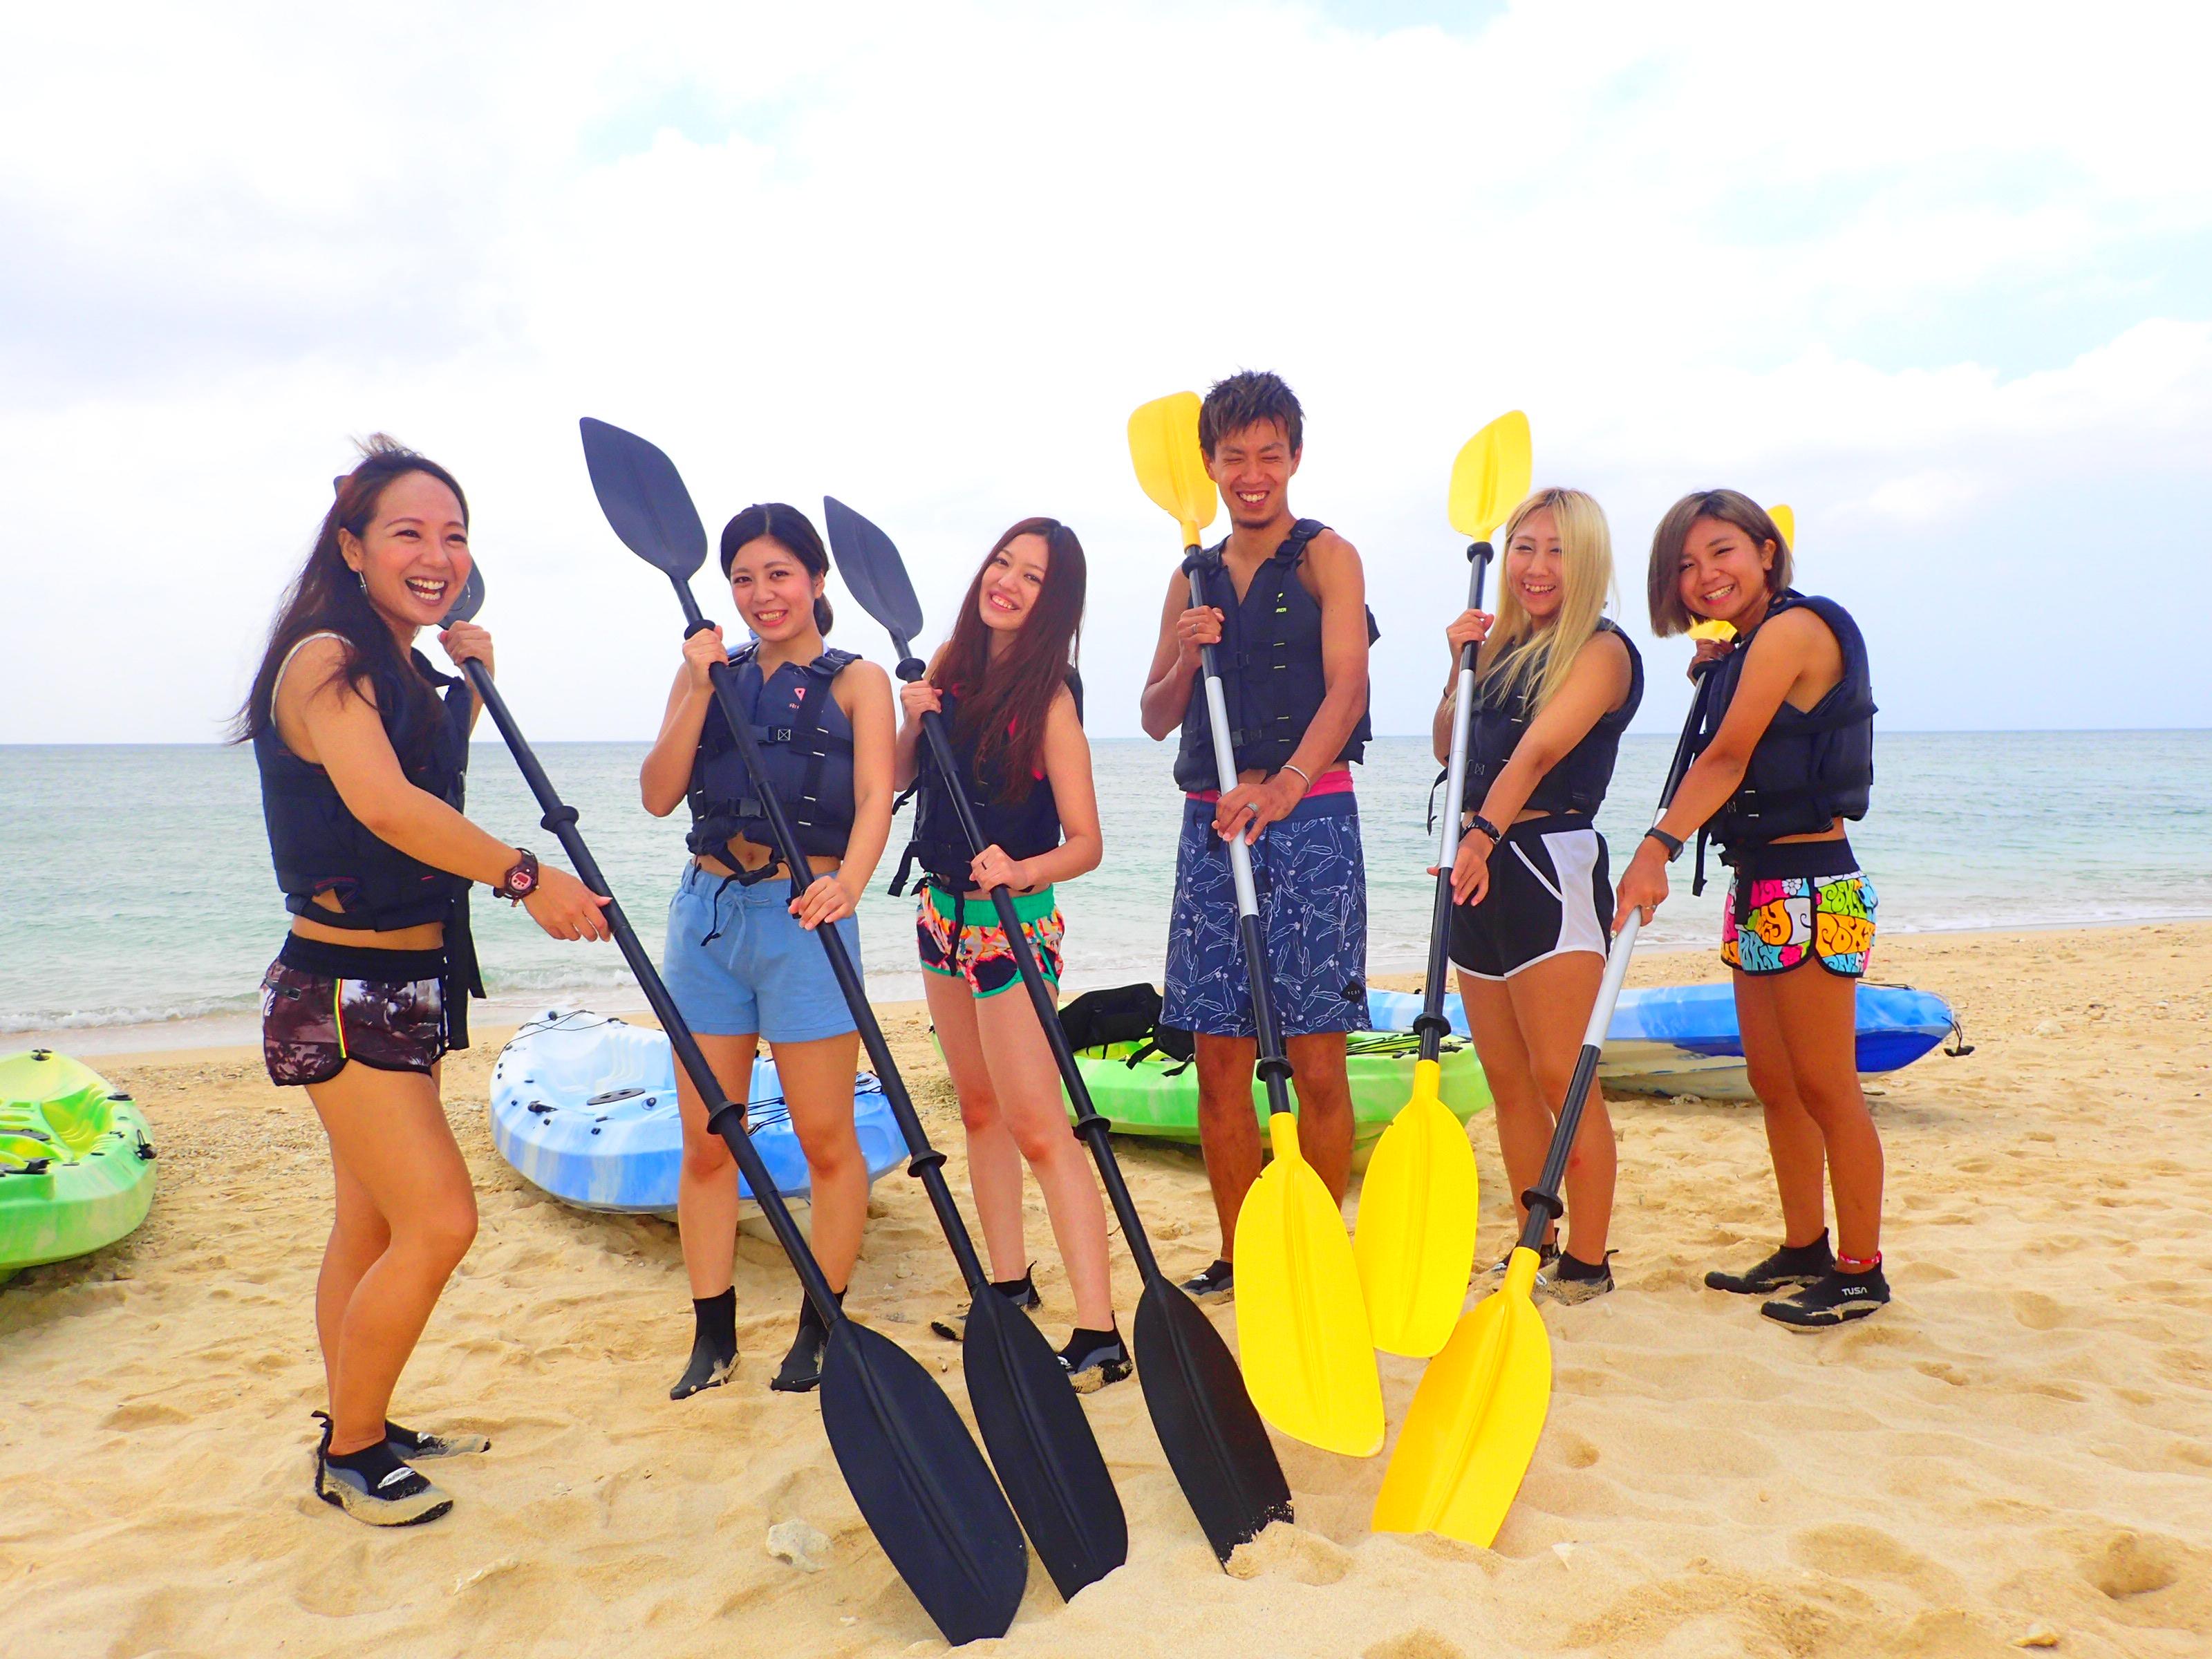 沖縄の読谷村でシーカヤックツアー前に浜辺で写真撮影